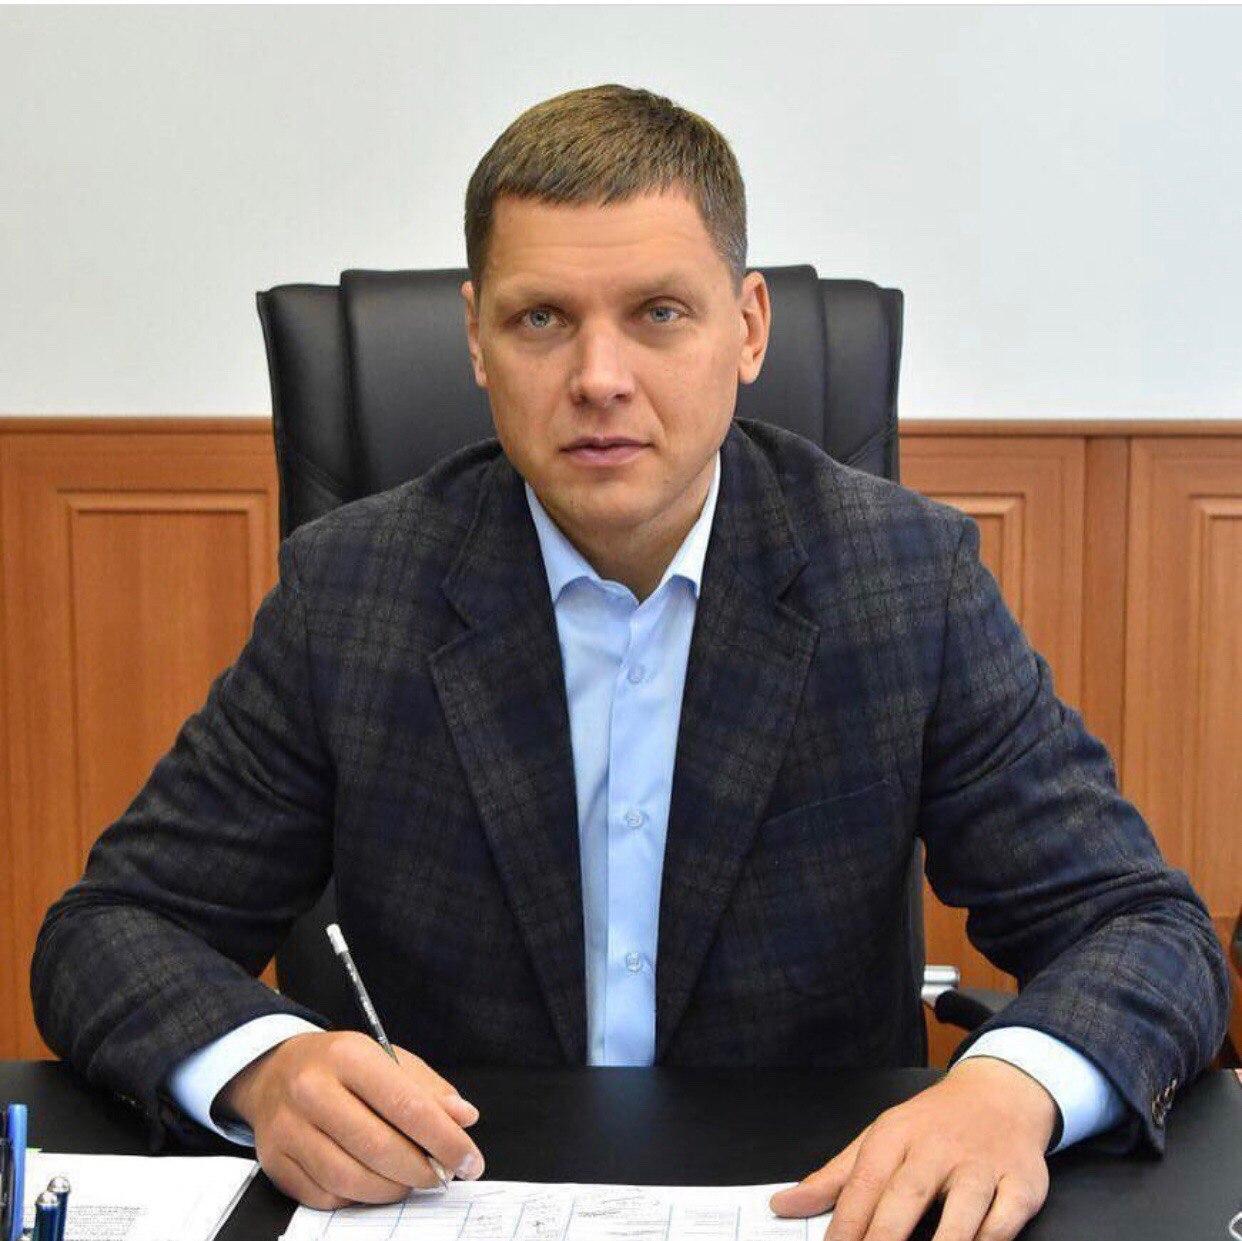 Трошенкова Елена Борисовна покинула пост главы Дмитровского городского округа